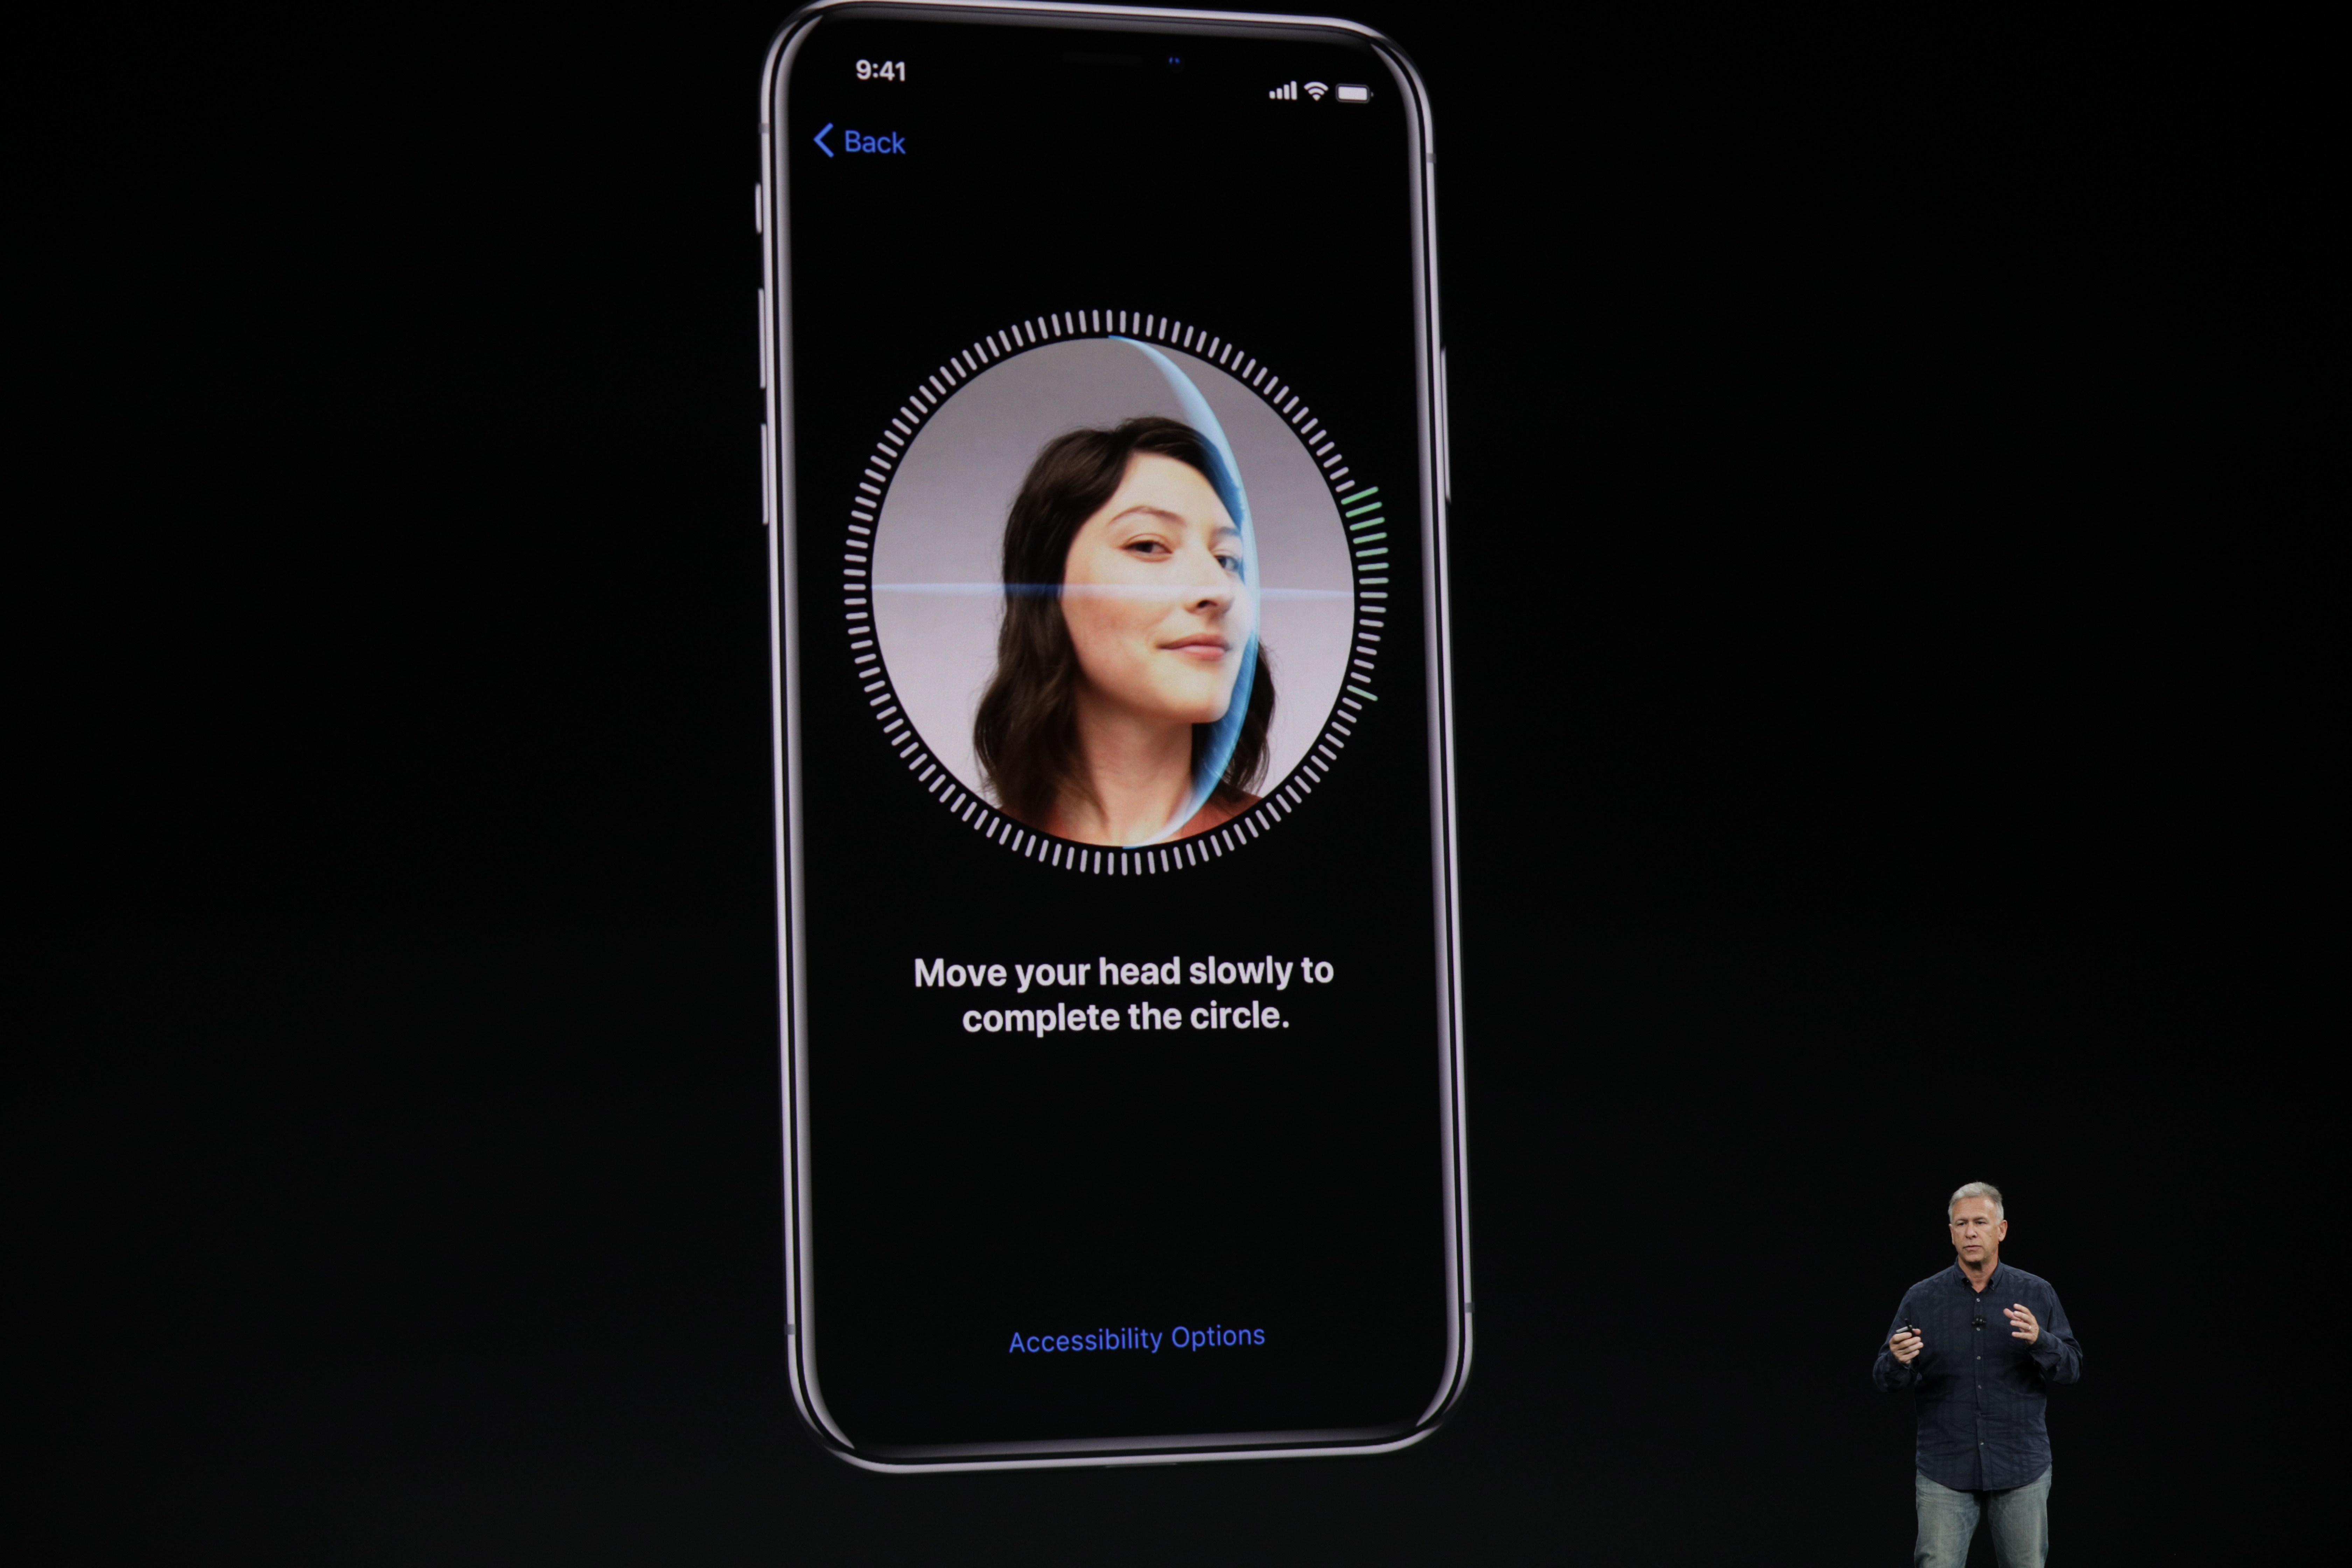 استخدام تقنية التعرف على الوجوه في هاتف الآيفون الجديد